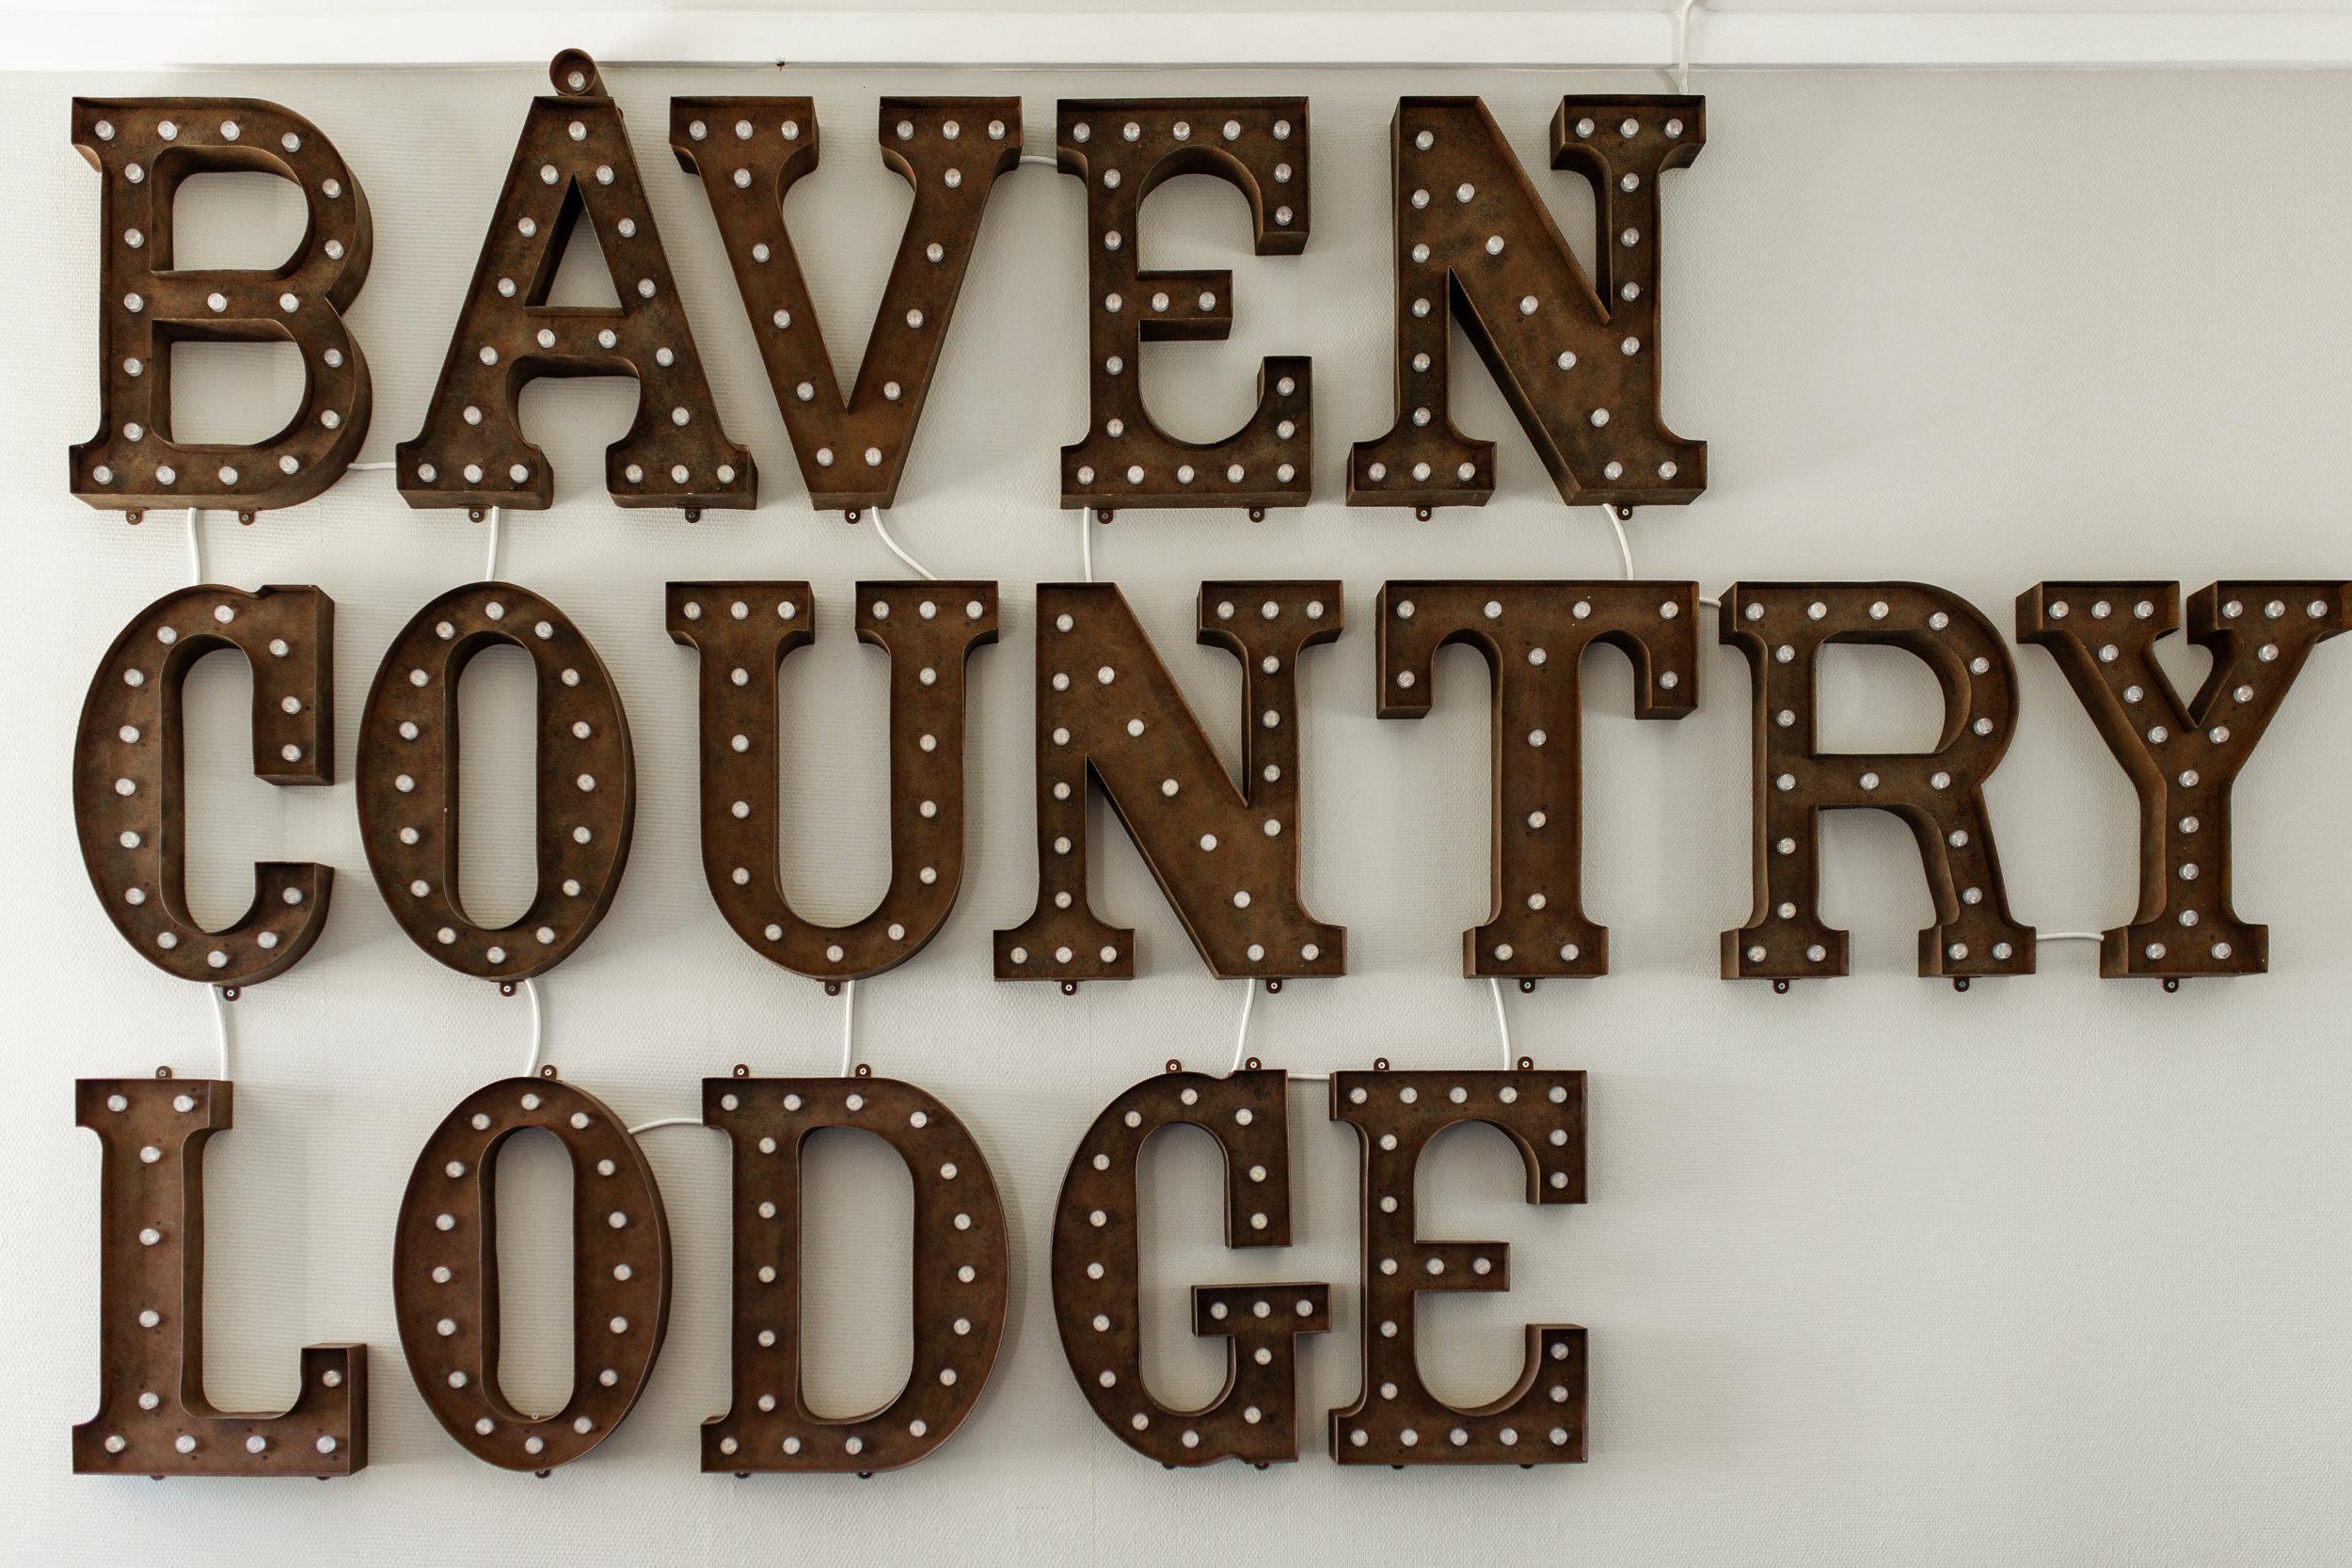 Publicerad i Bröllopsguiden på Båven Country Lodge